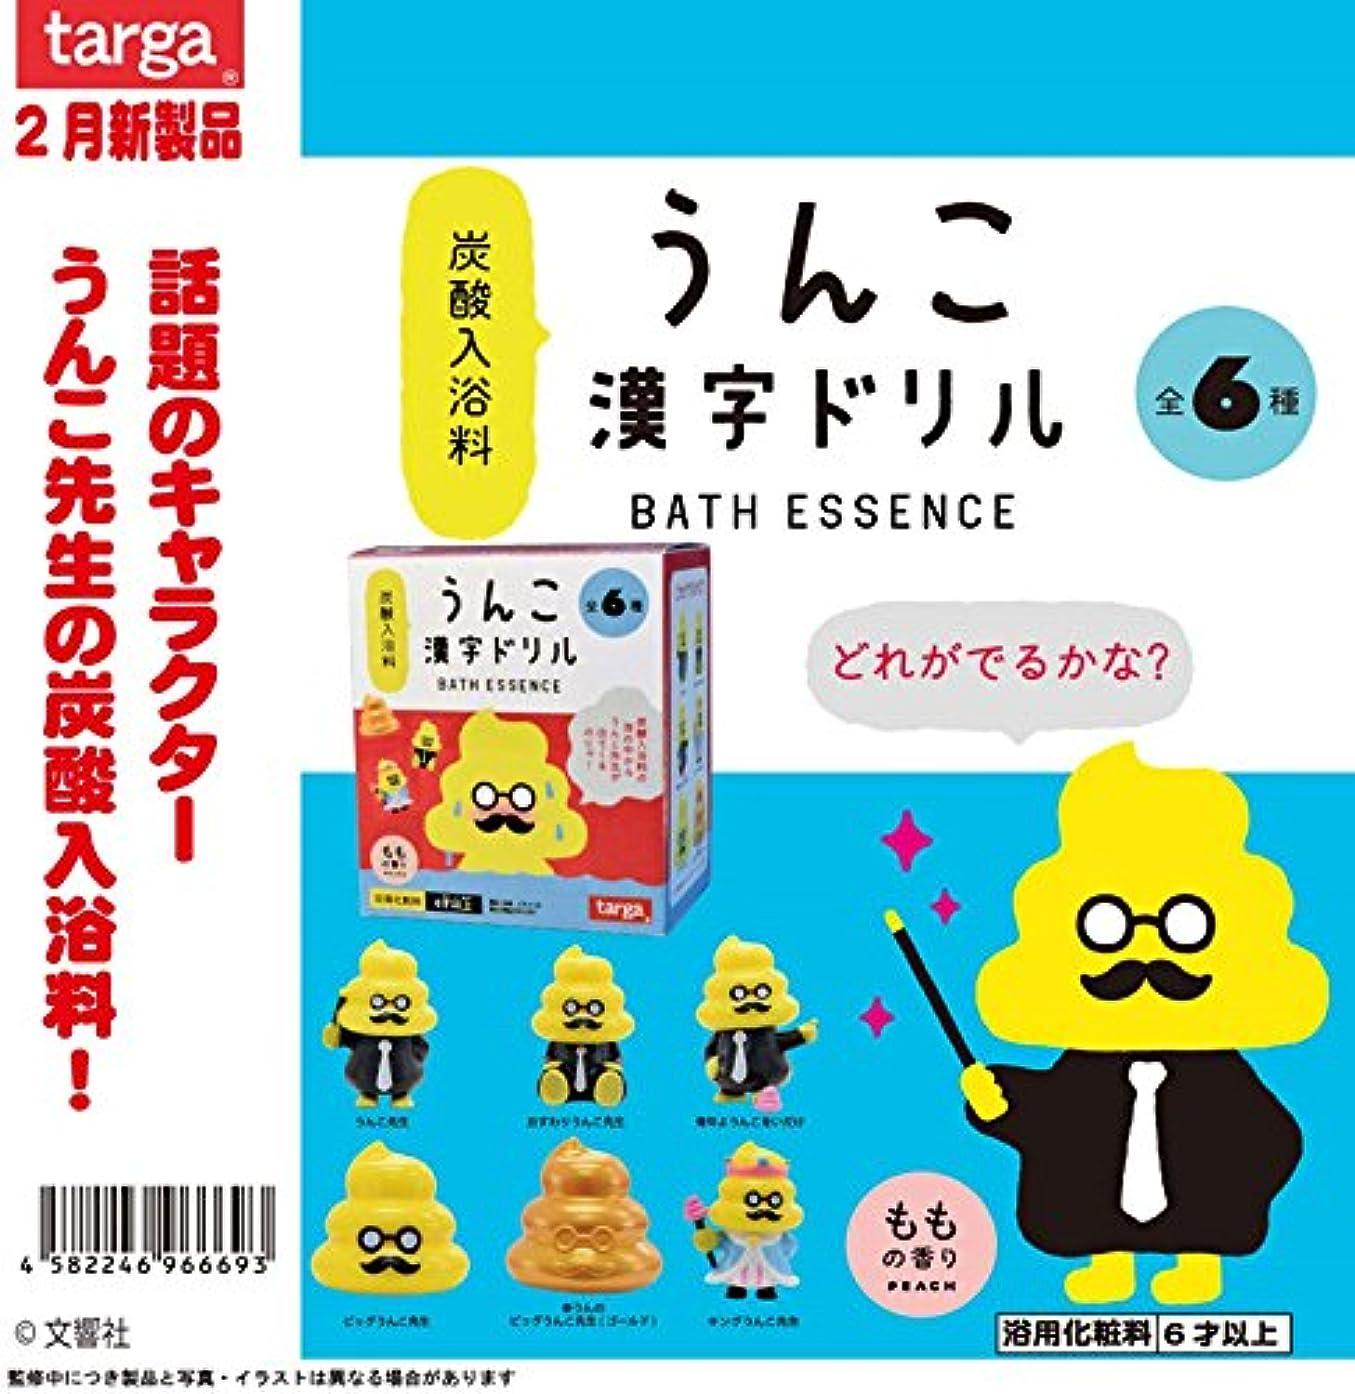 遷移レール優しいうんこ漢字ドリル 炭酸入浴料 マスコットが飛び出るバスボールBOX(12入)